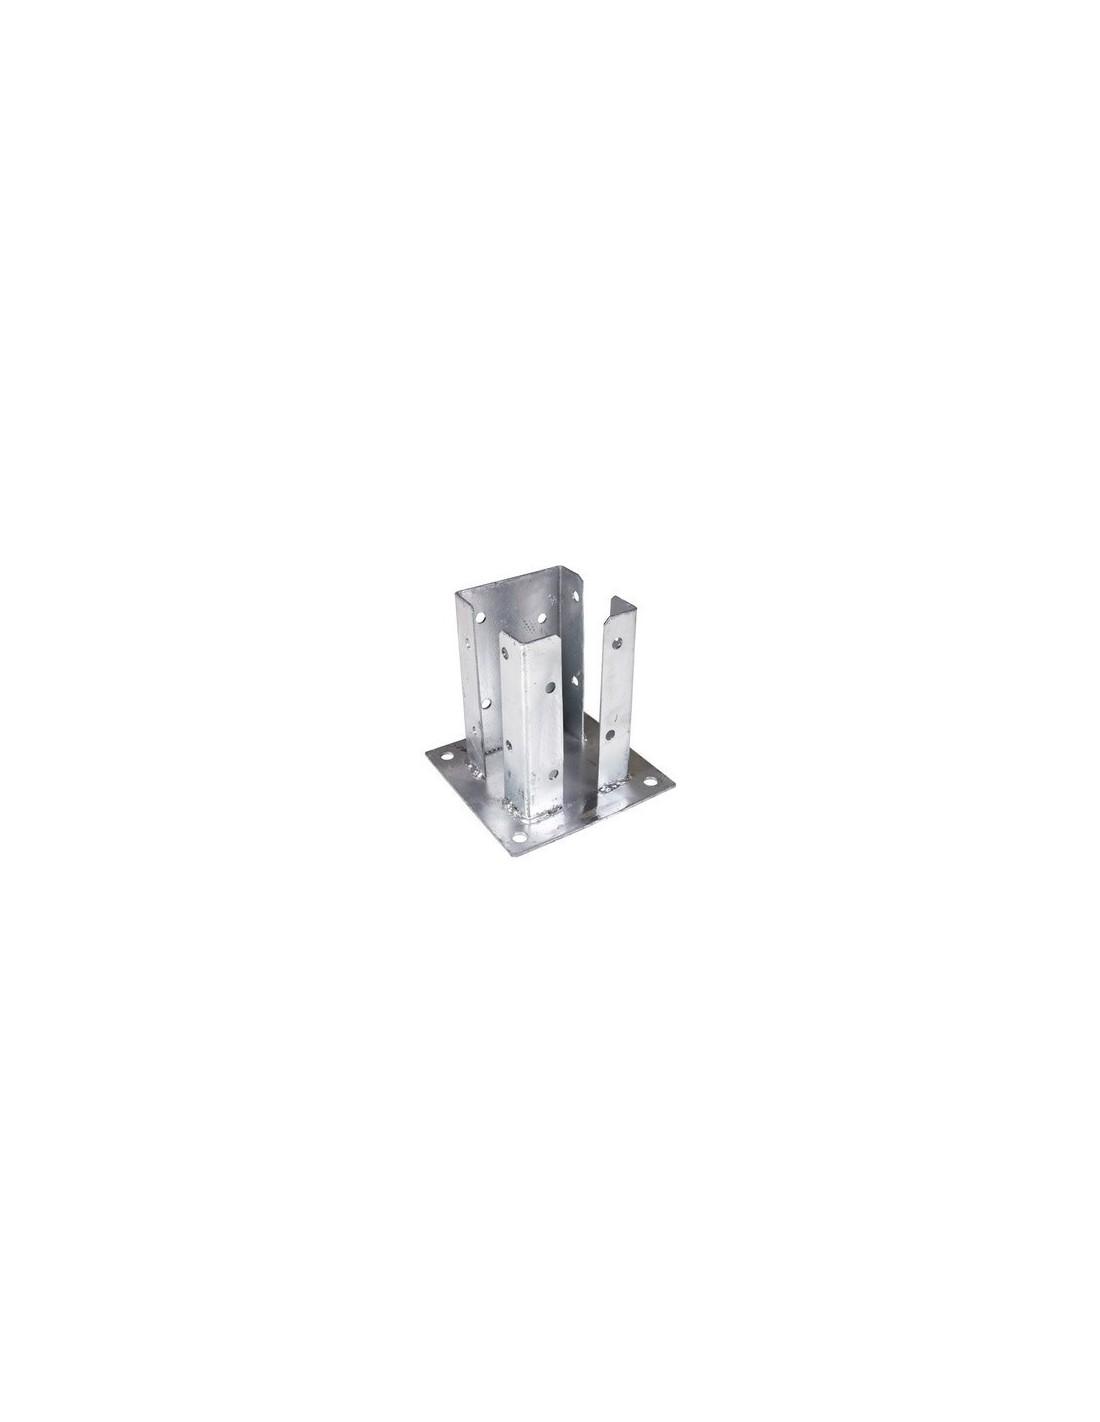 platine acier pour pilier de portail alu 105x105. Black Bedroom Furniture Sets. Home Design Ideas